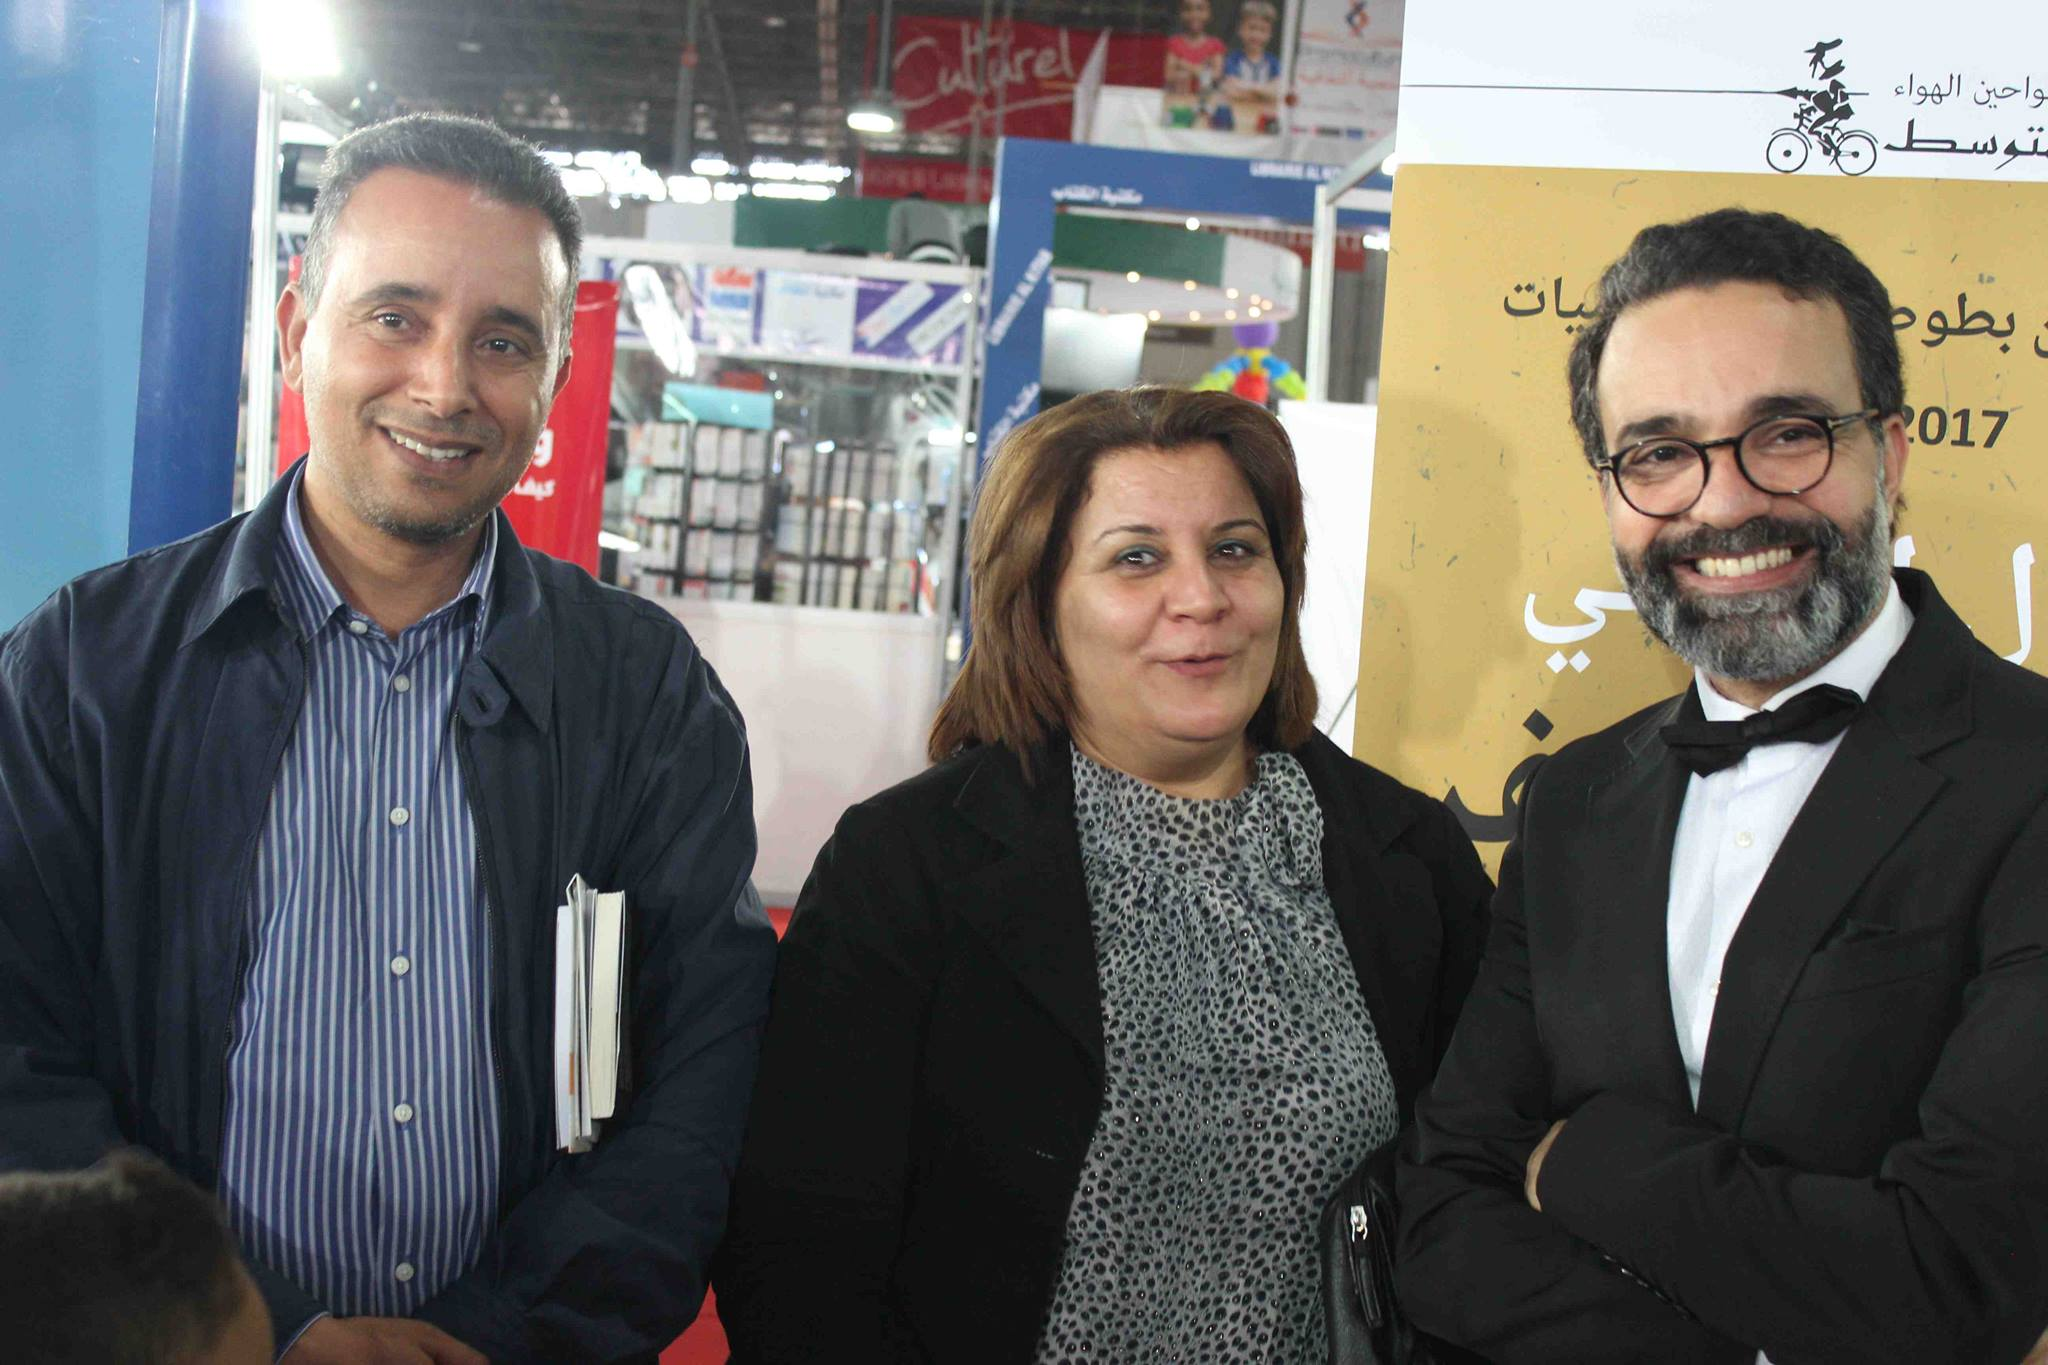 كمال الرياحى يوقع كتابه واحد صفر للقتيل الفائز بجائزة ابن بطوطة فى معرض تونس (36)